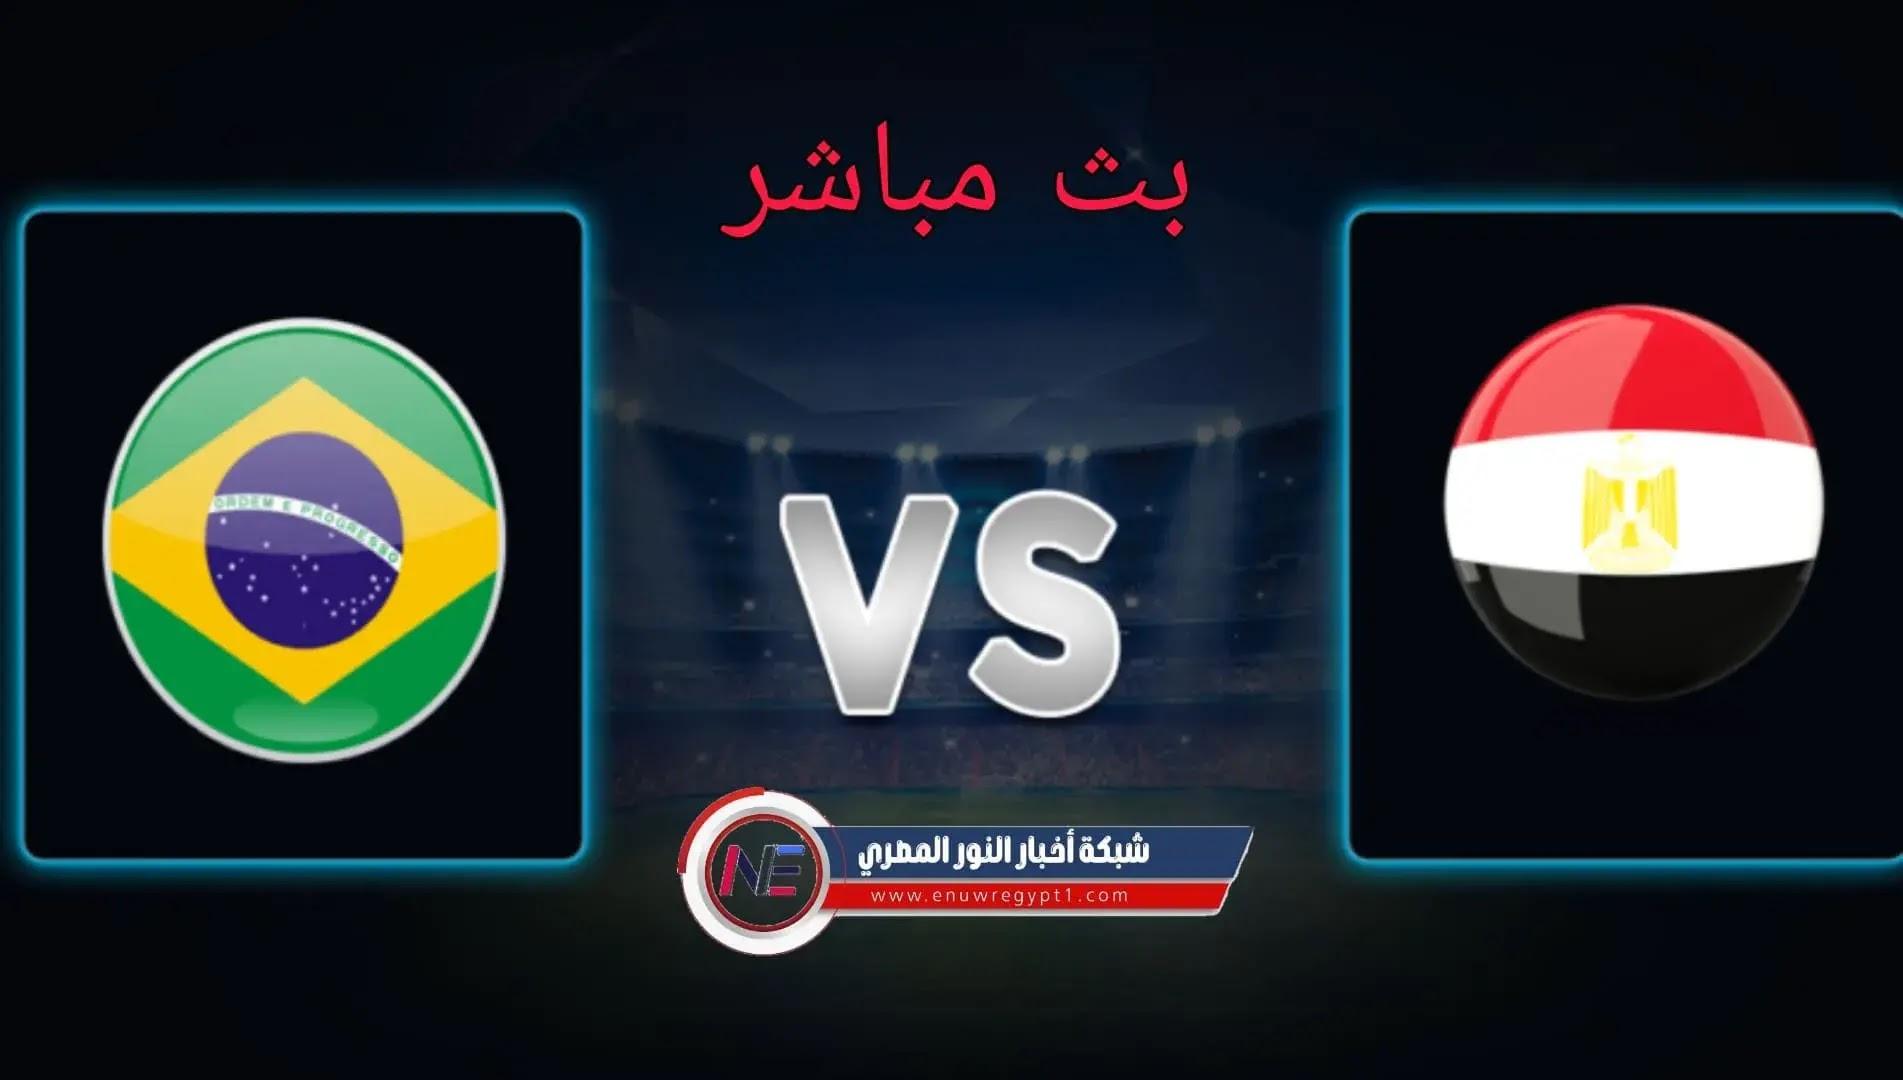 بث مباشر   مشاهدة مباراة مصر و البرازيل اليوم 31-07-2021 في بطولة اولمبياد طوكيو 2020   يلا شوت يوتيوب HD الان بجودة عالية بدون تقطيع